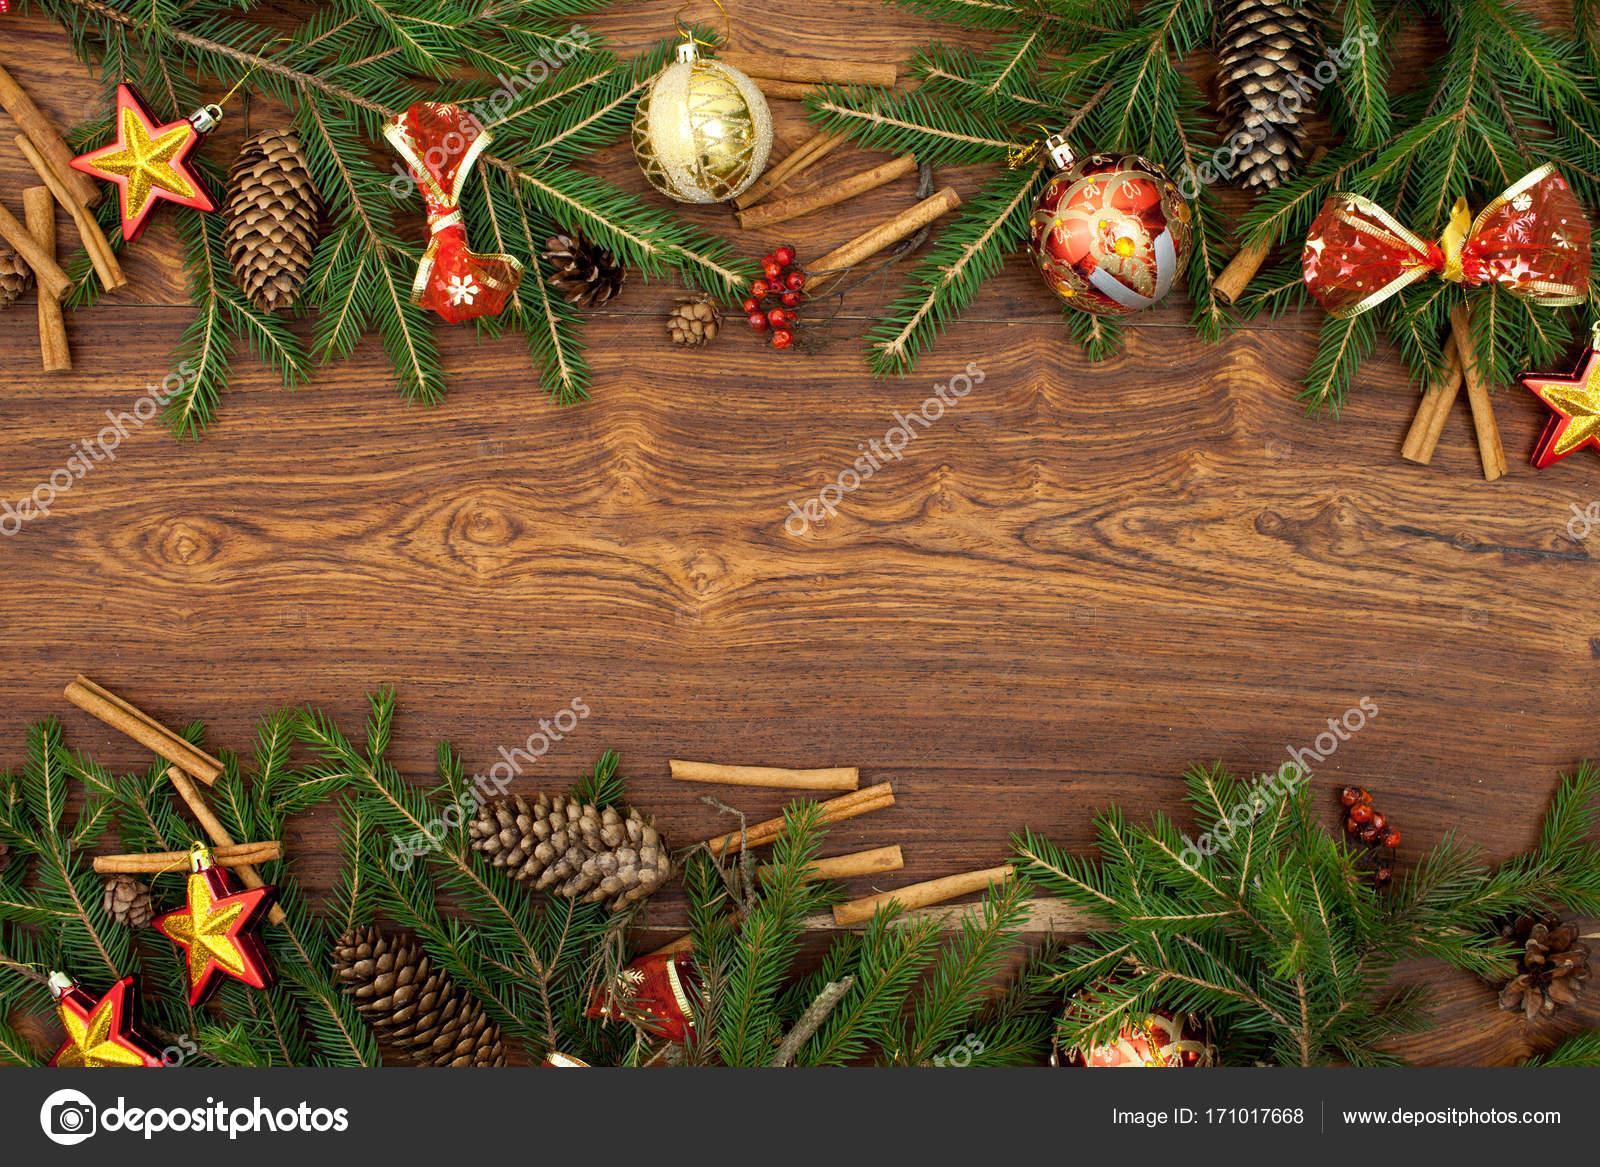 Schleifen Weihnachtsbaum.Weihnachtsbaum Zweige Mit Roten Schleifen Auf Einem Braunen Holz